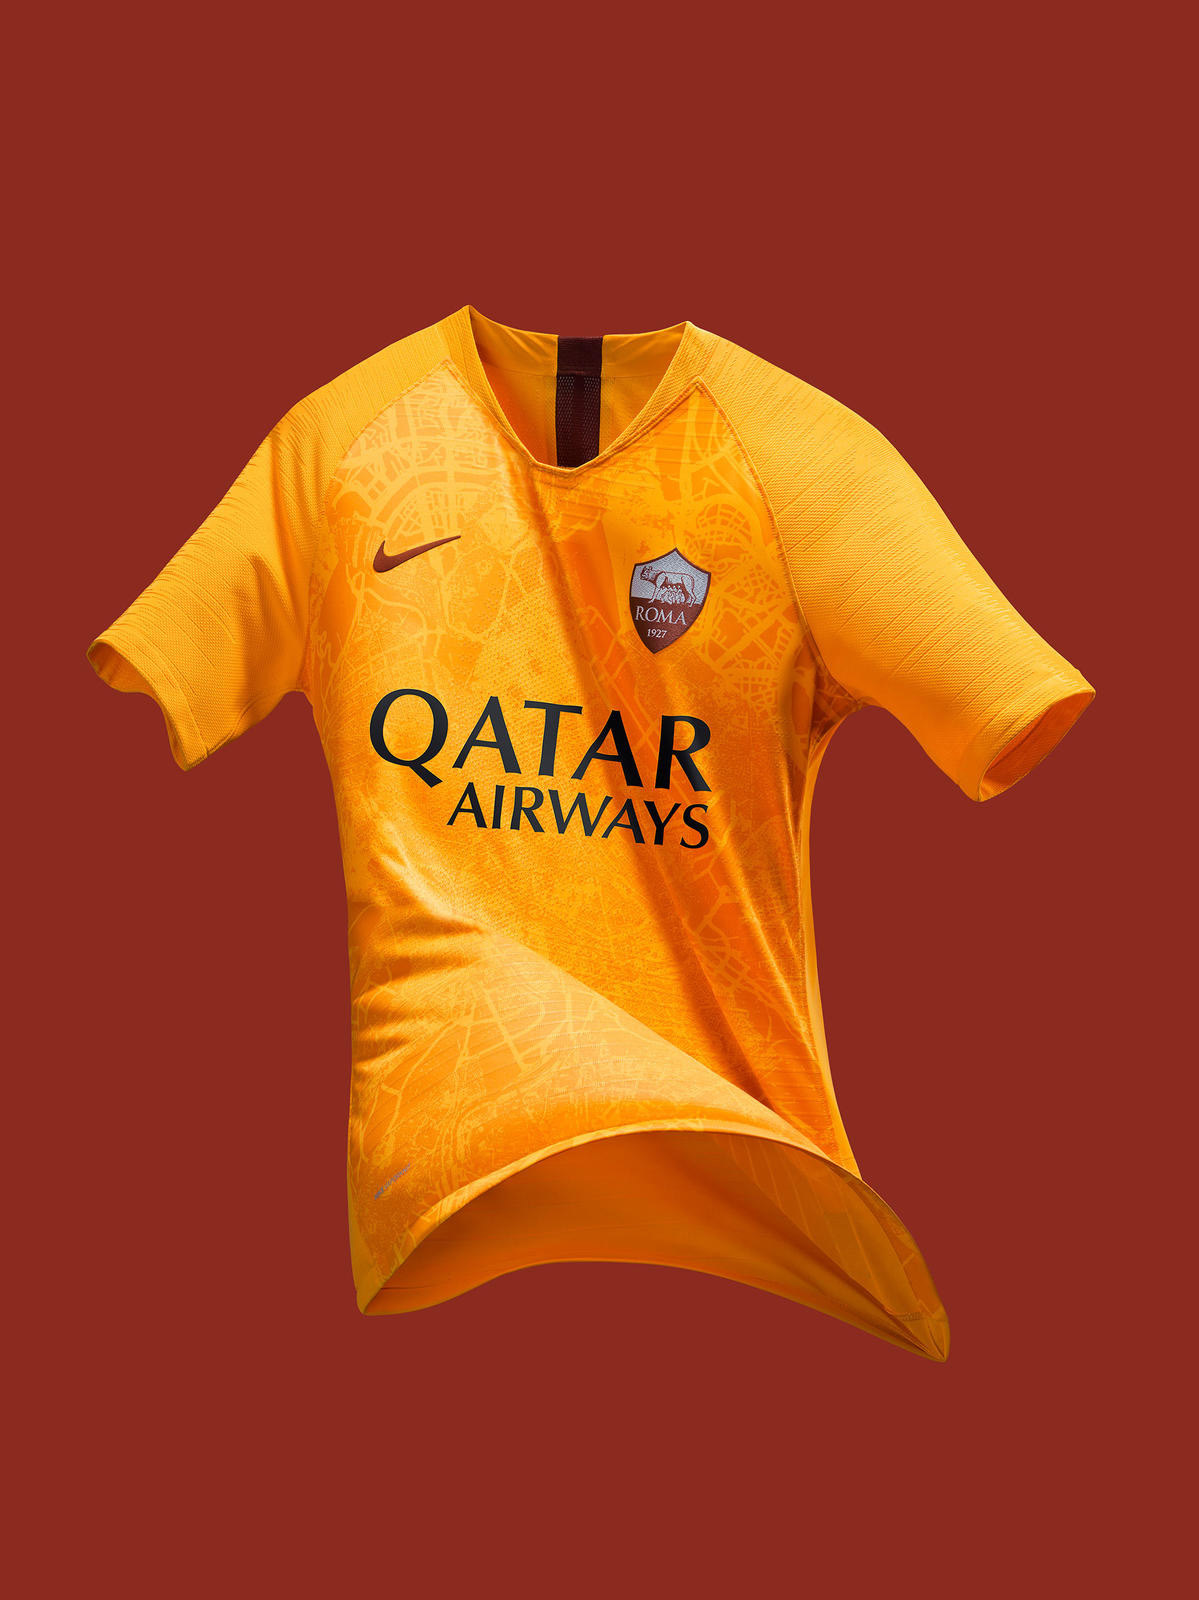 d8825d5cb Roma capricha em nova camisa 3 amarela para a temporada